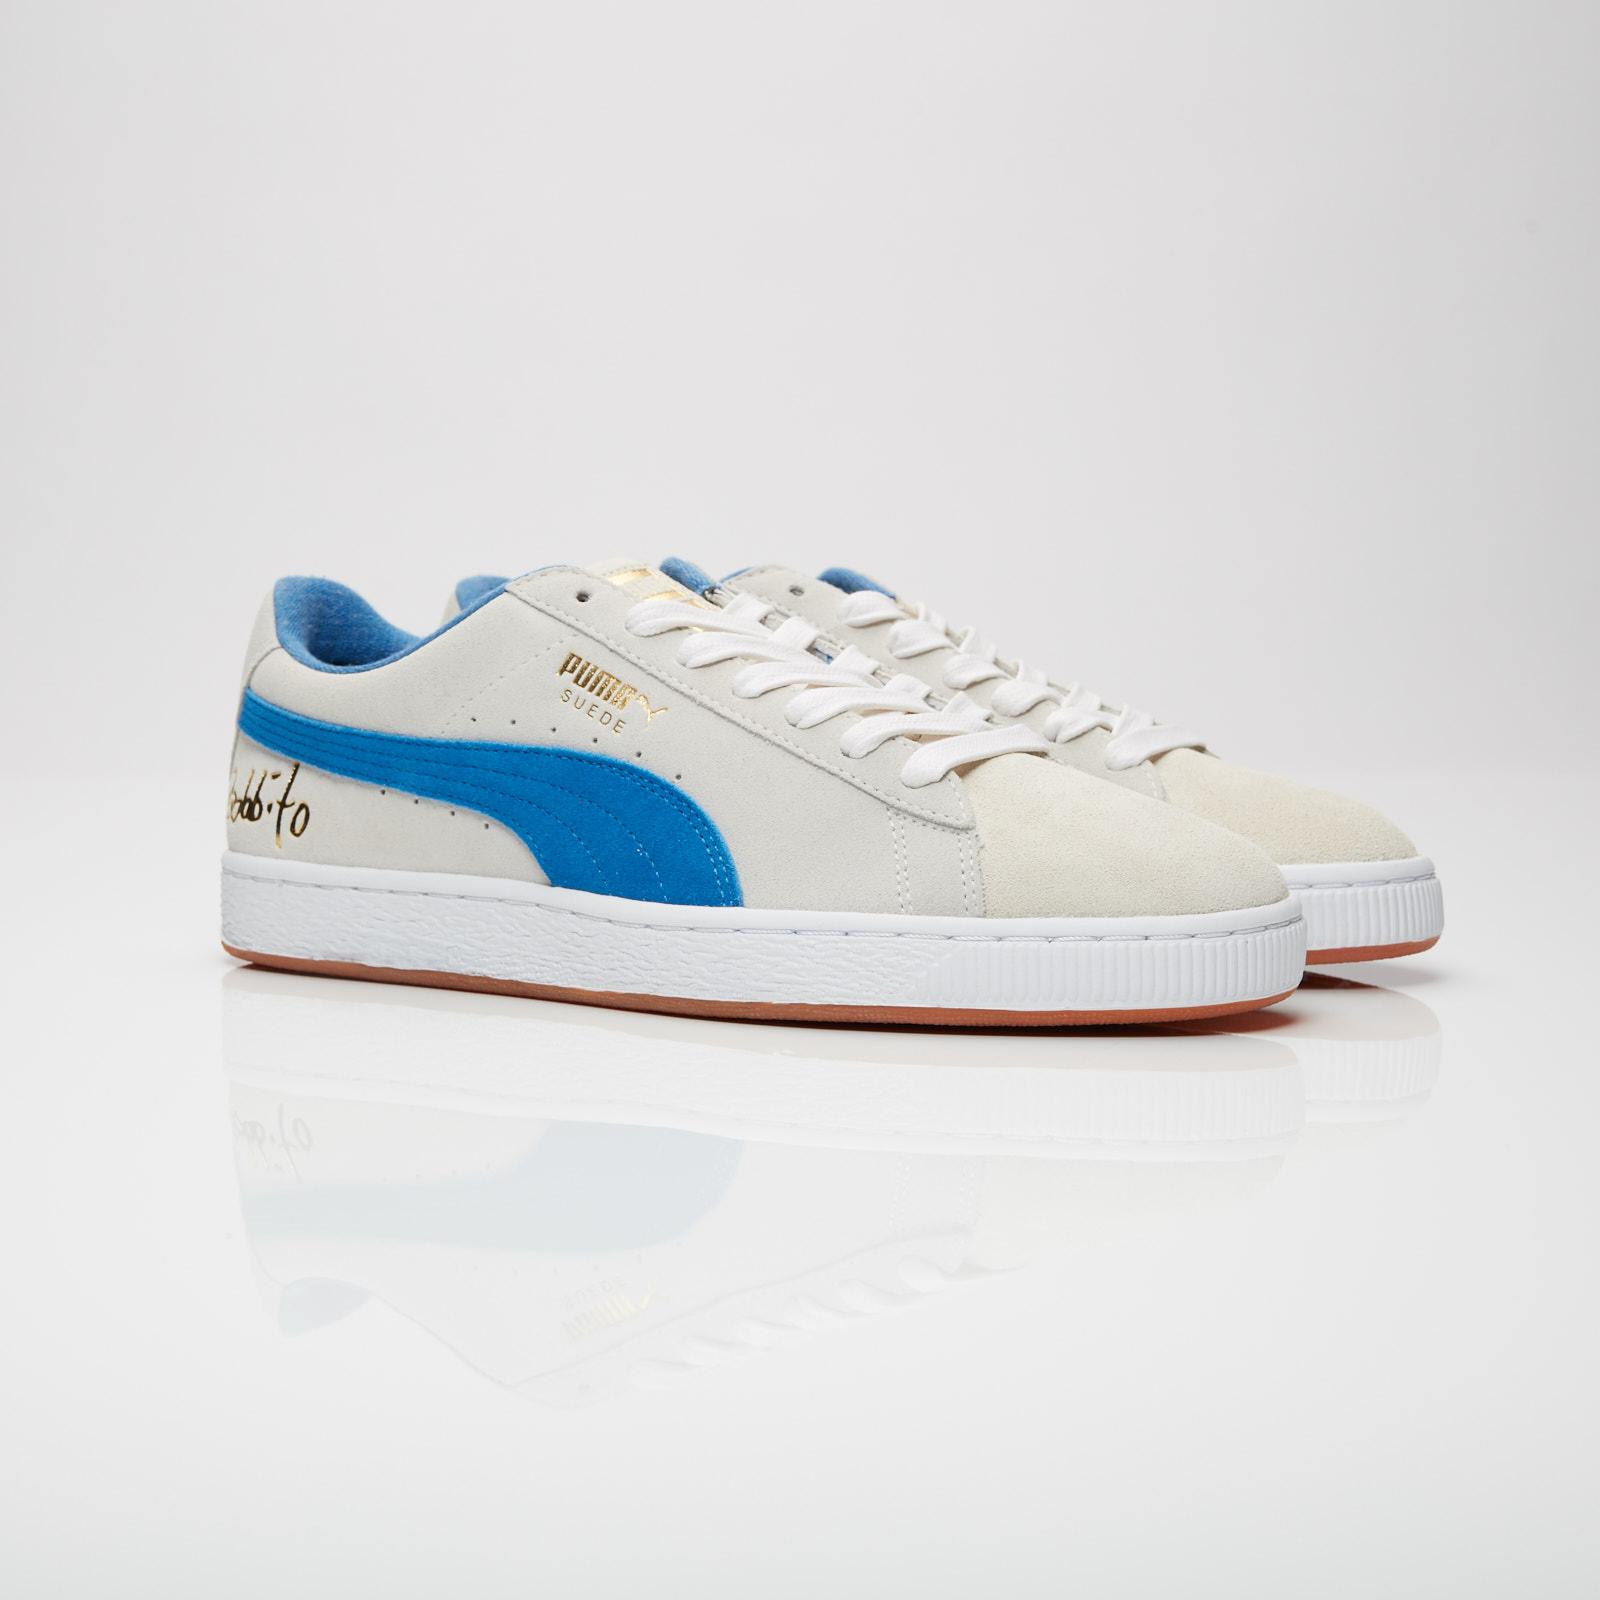 4d825824ec5 Puma Suede Classic x Bobbito - 366336-02 - Sneakersnstuff